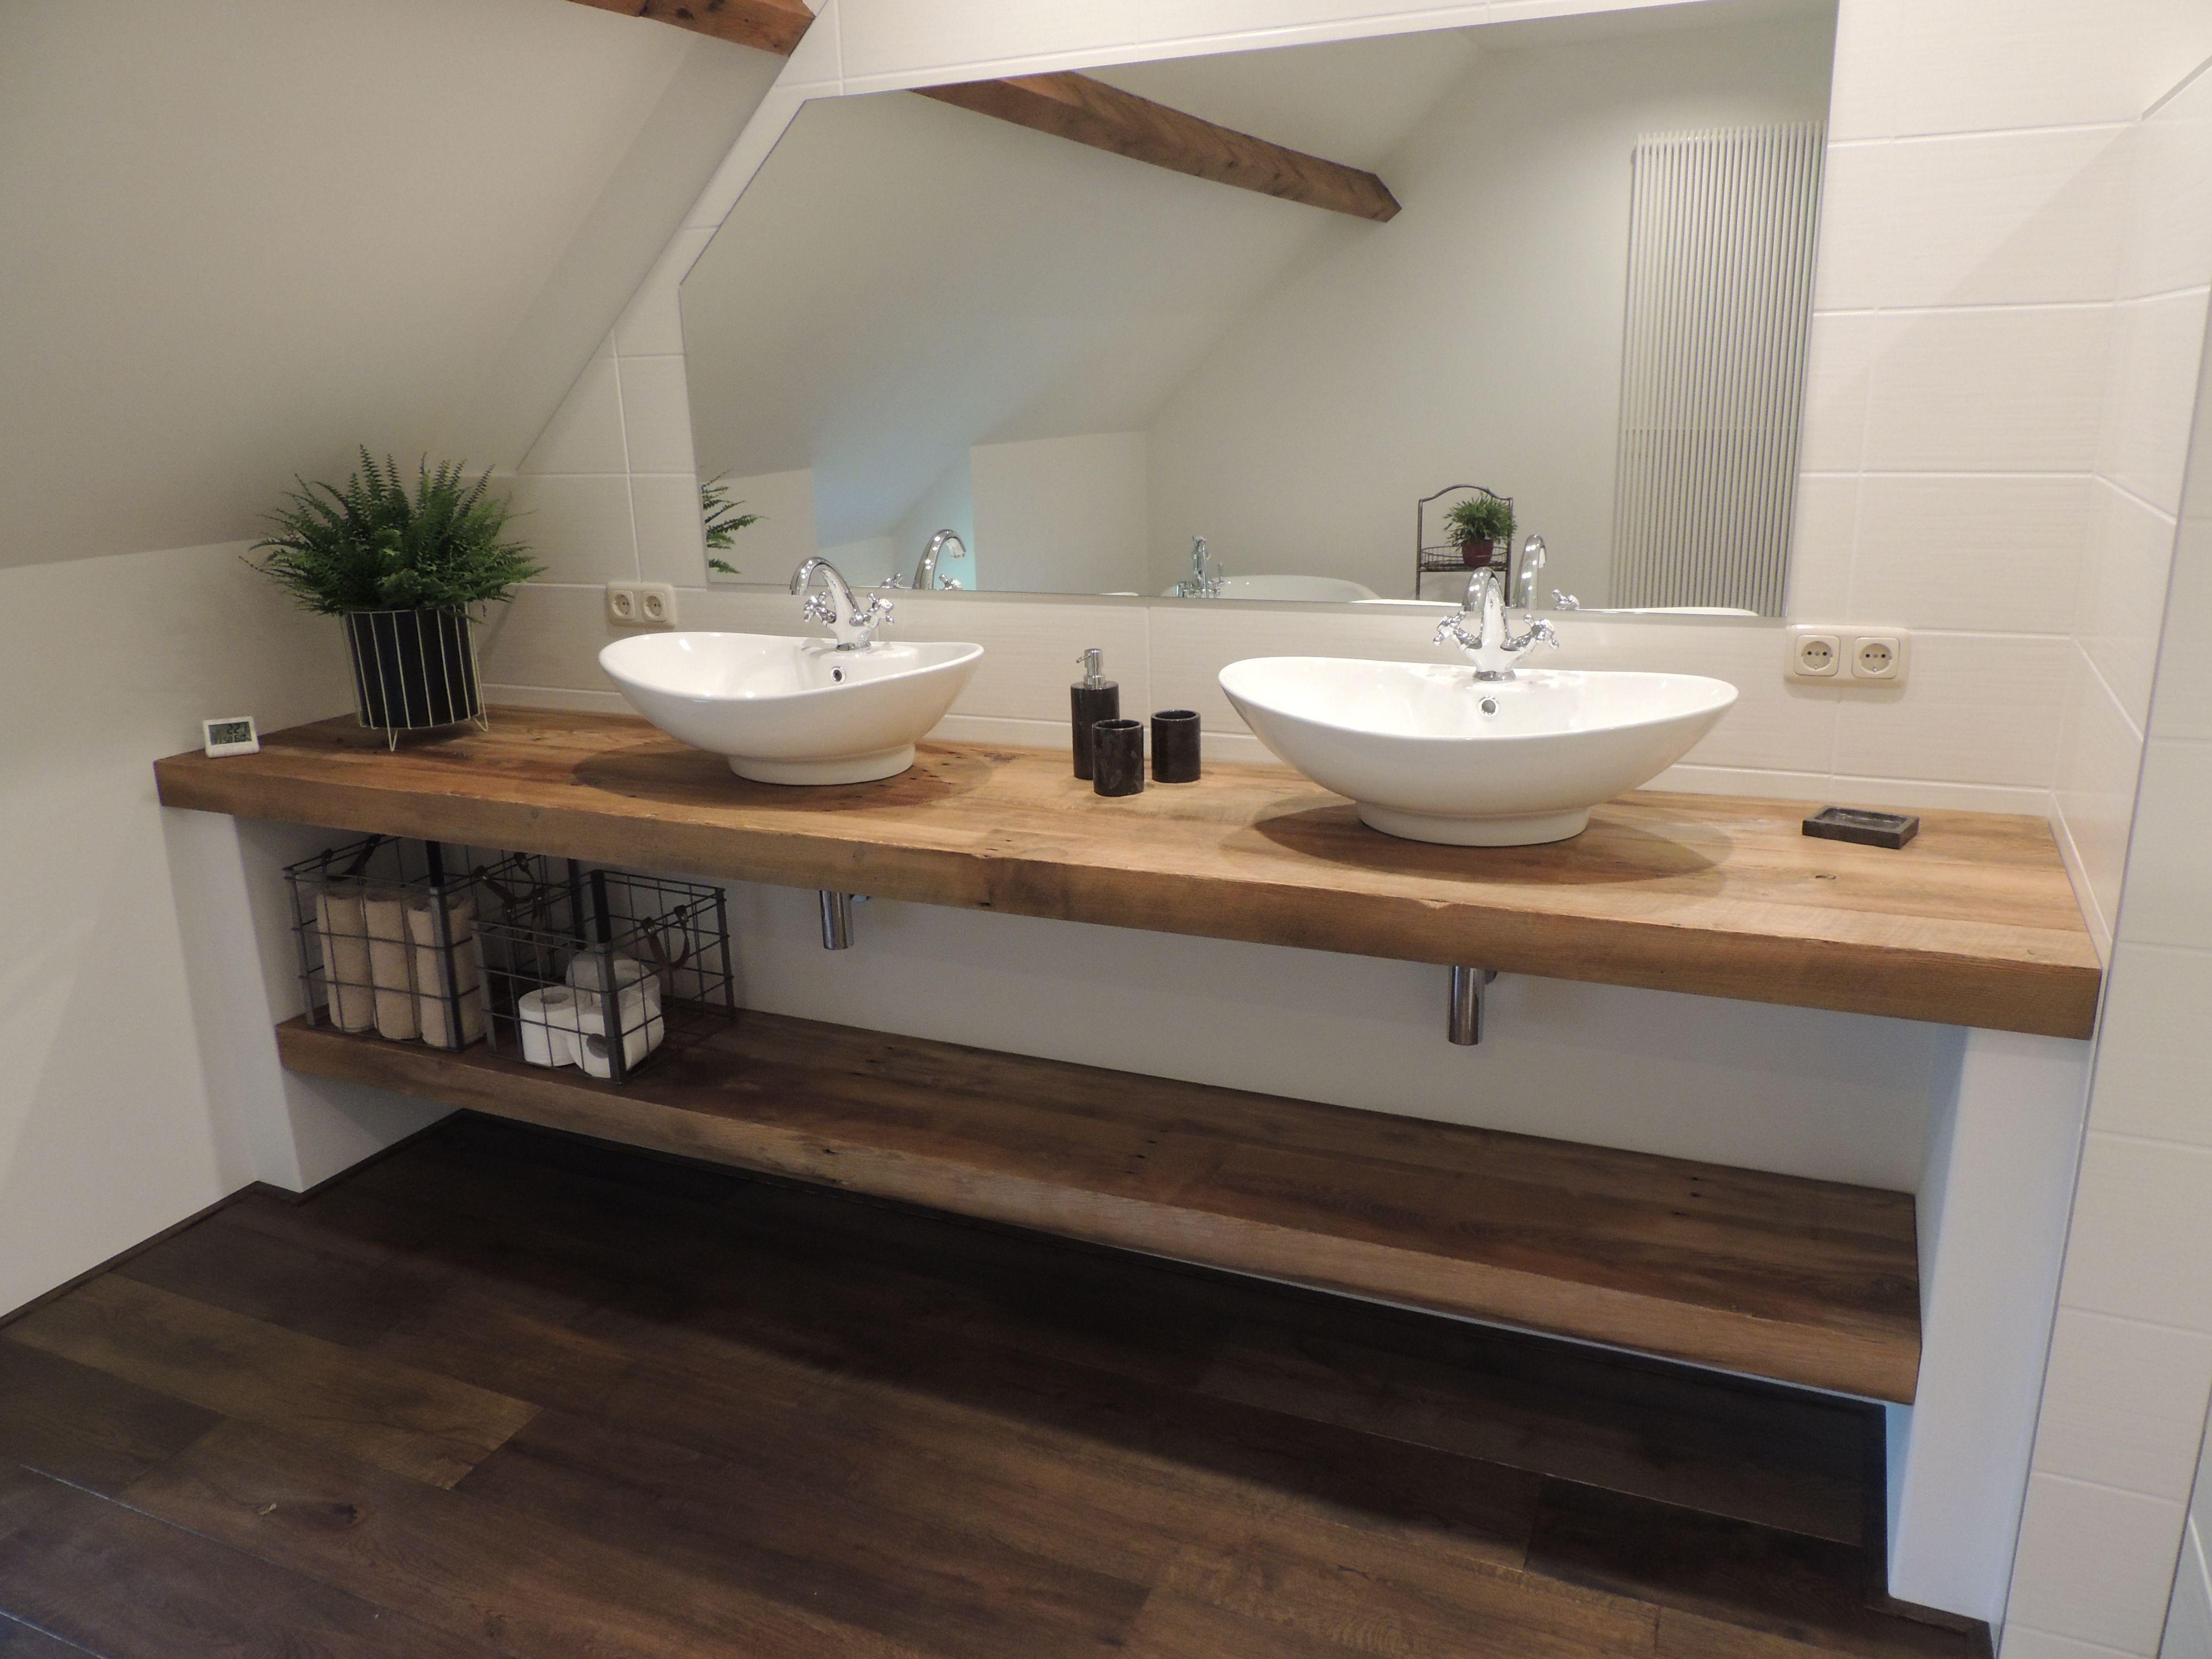 Badezimmer Badmobel Badezimmermobel Badmobel Set Spiegelschrank Bad Badezimmerschrank Bads Bathroom Design Luxury Bathroom Interior Design Bathroom Style